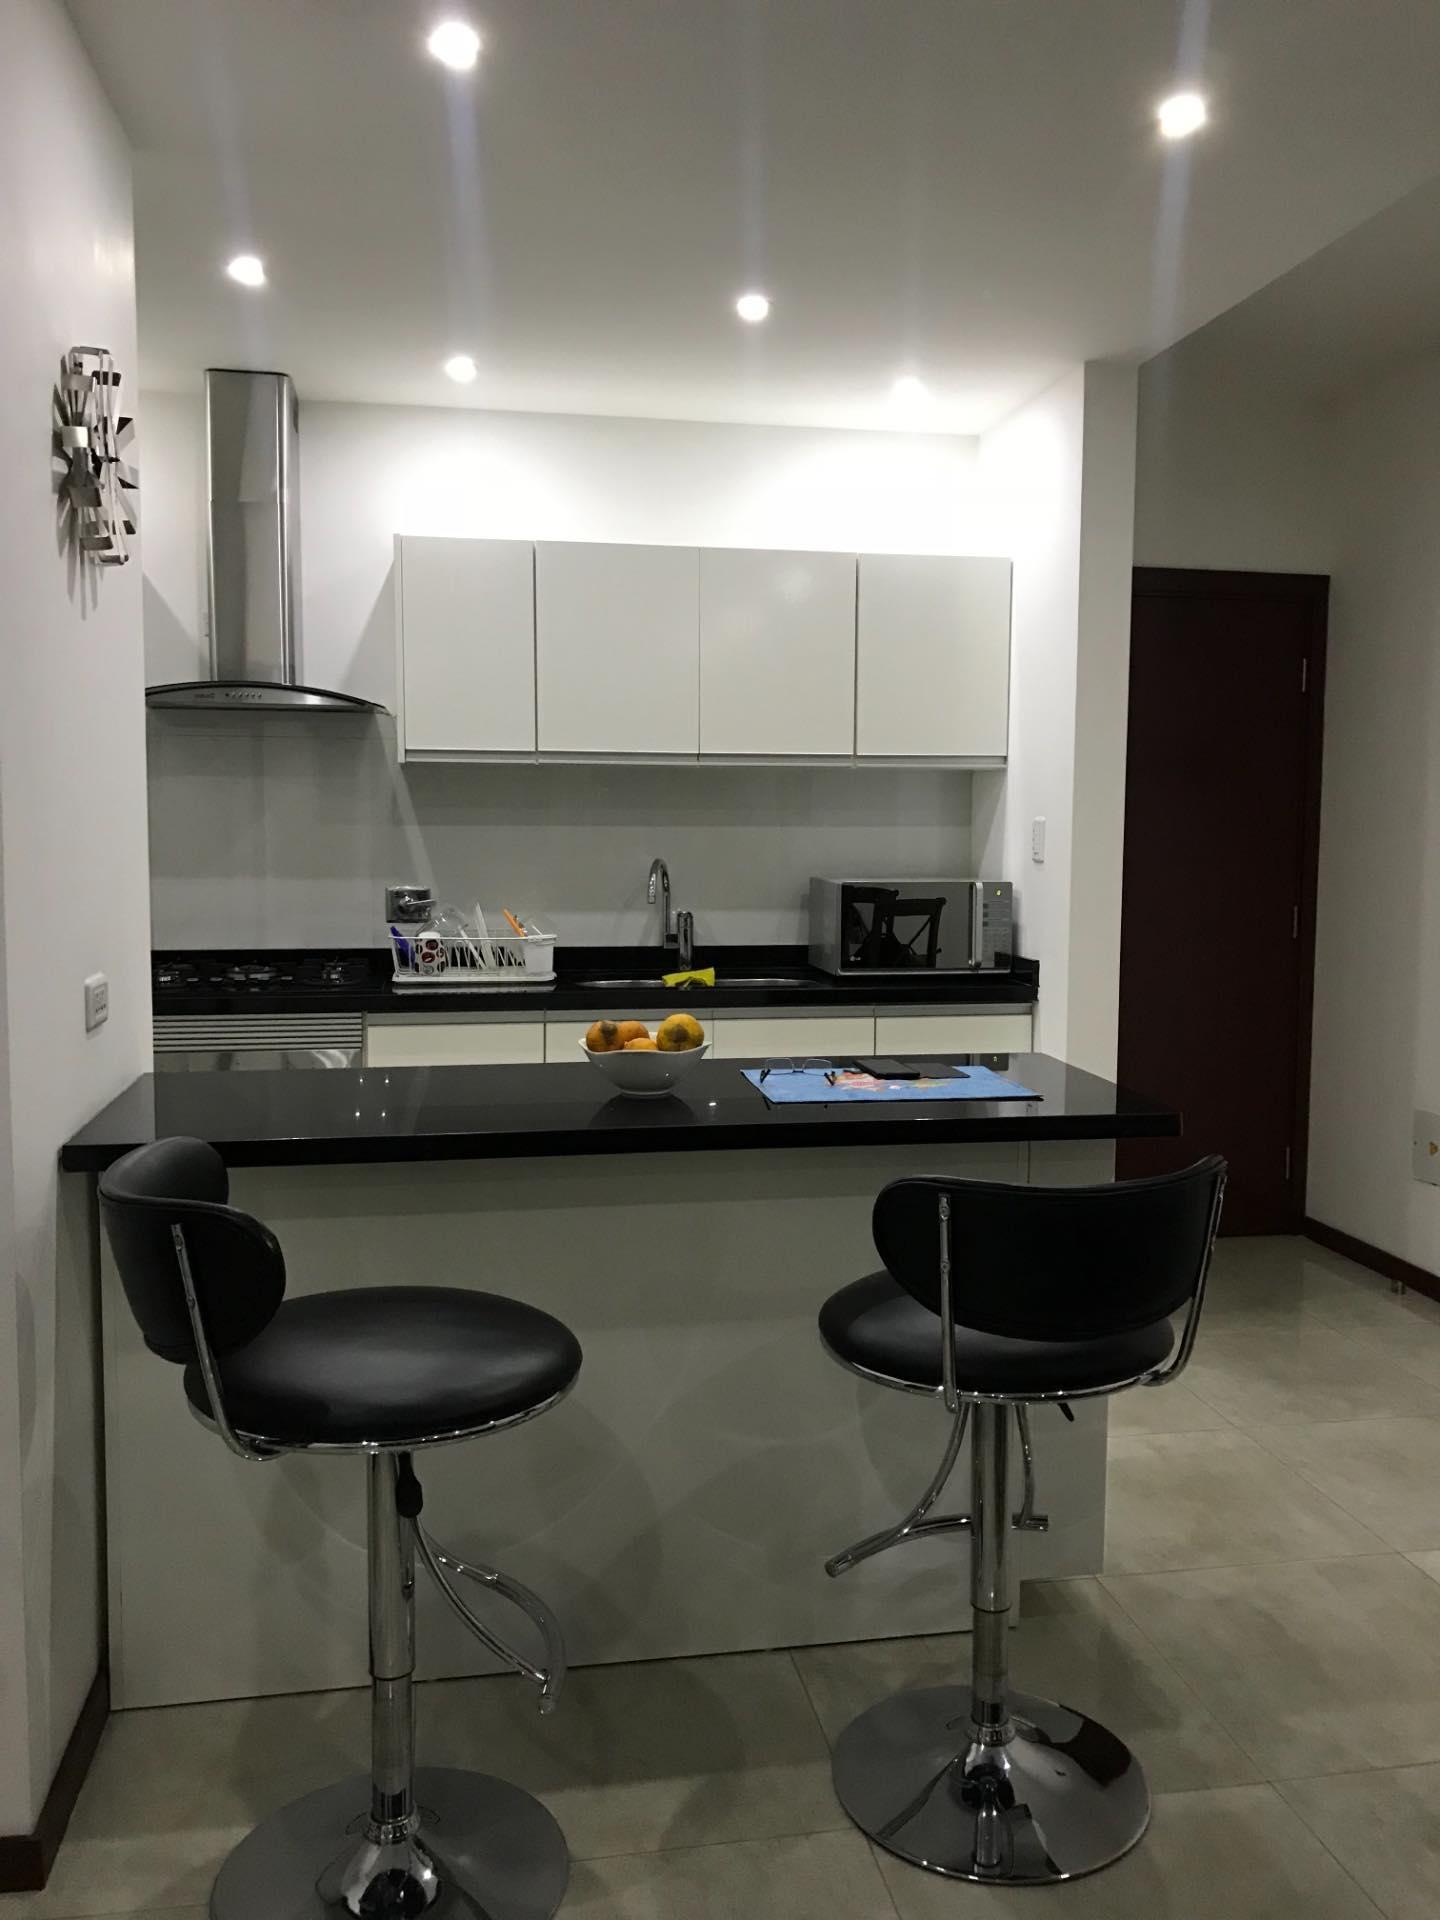 Departamento en Alquiler En exclusivo condominio zona Barrio Las Palmas  Foto 13